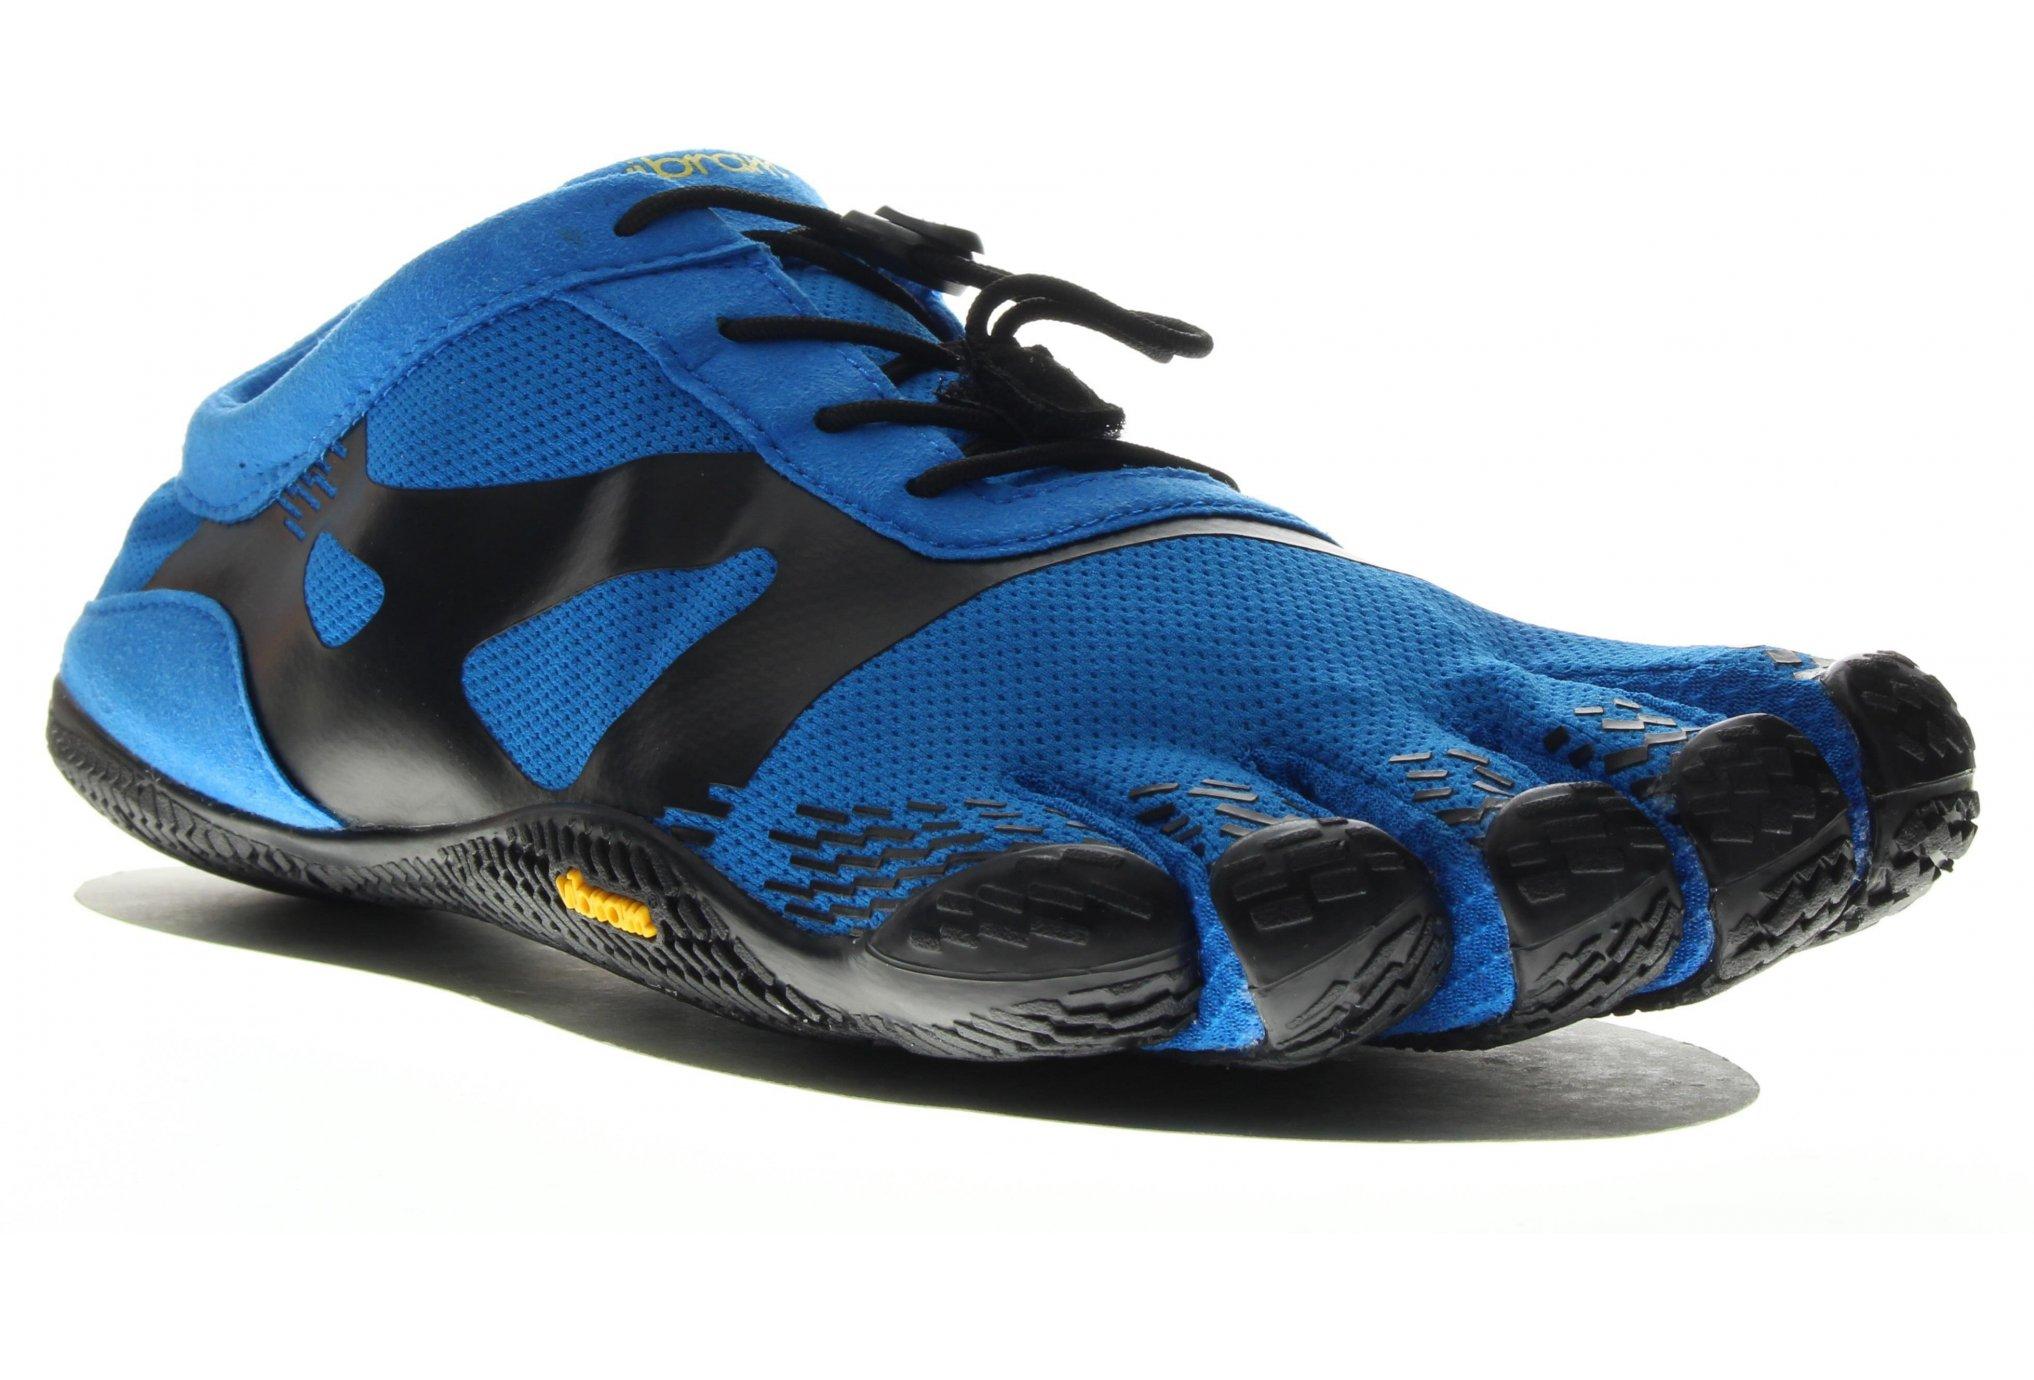 Vibram Fivefingers kso evo m diététique chaussures homme